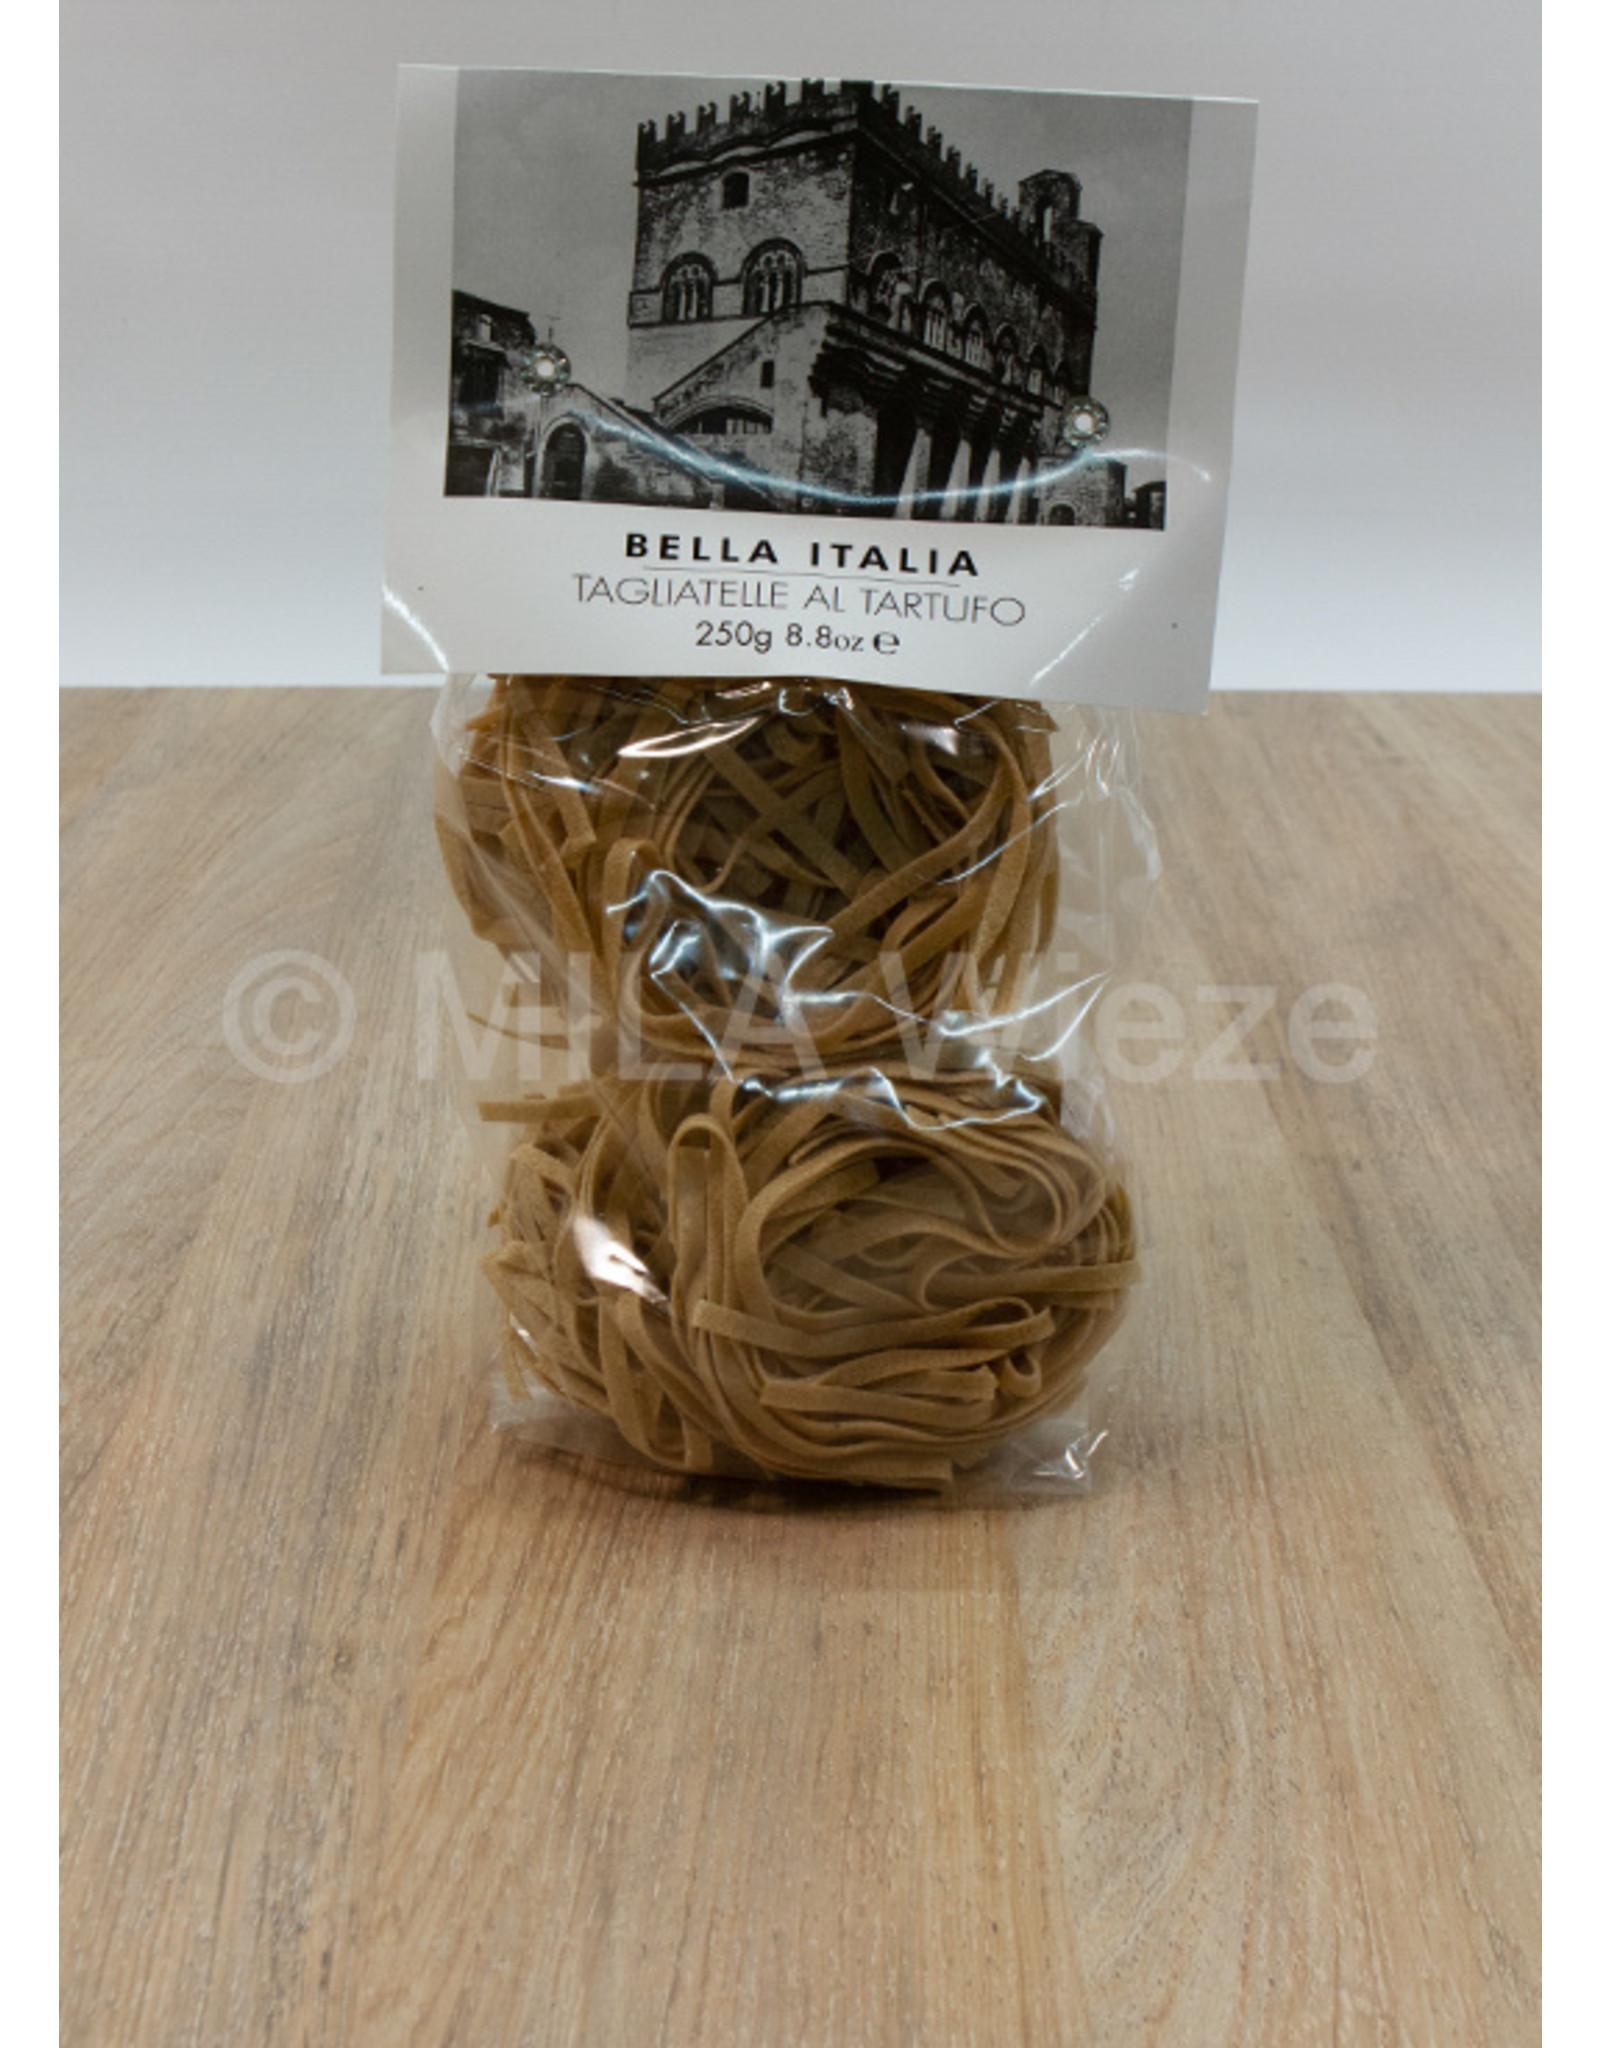 Bella Italia Pasta Bella Italia - Tagliatelle al Tartufo